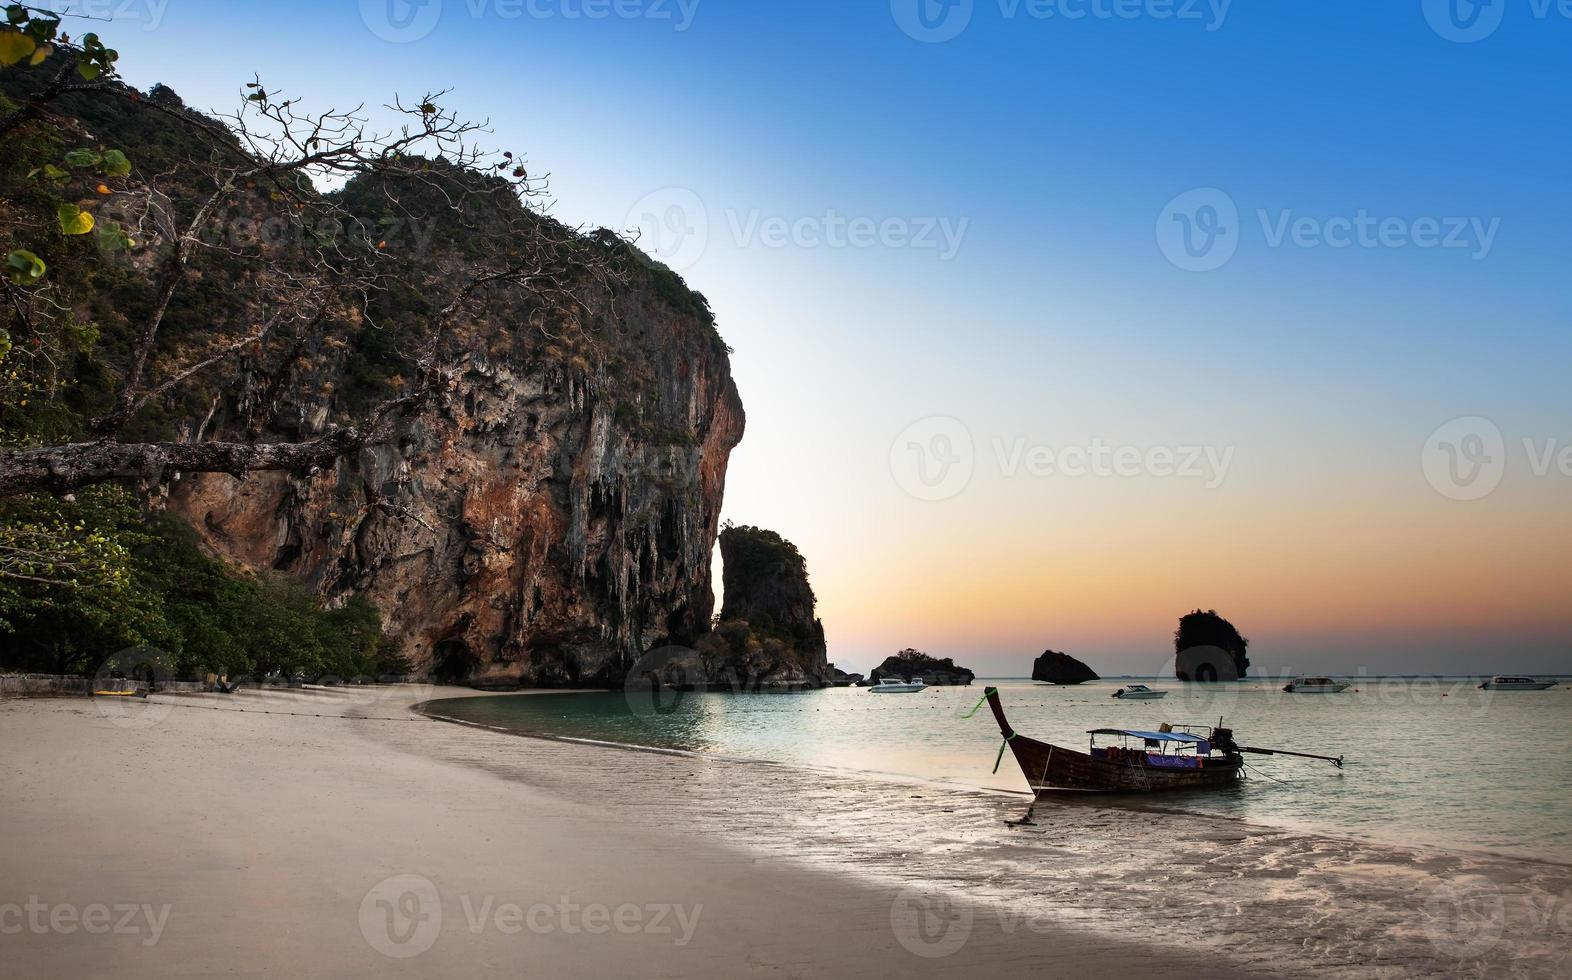 ao nang strand, Railay, Krabi-provinsen, bästa stranden i Thailand foto